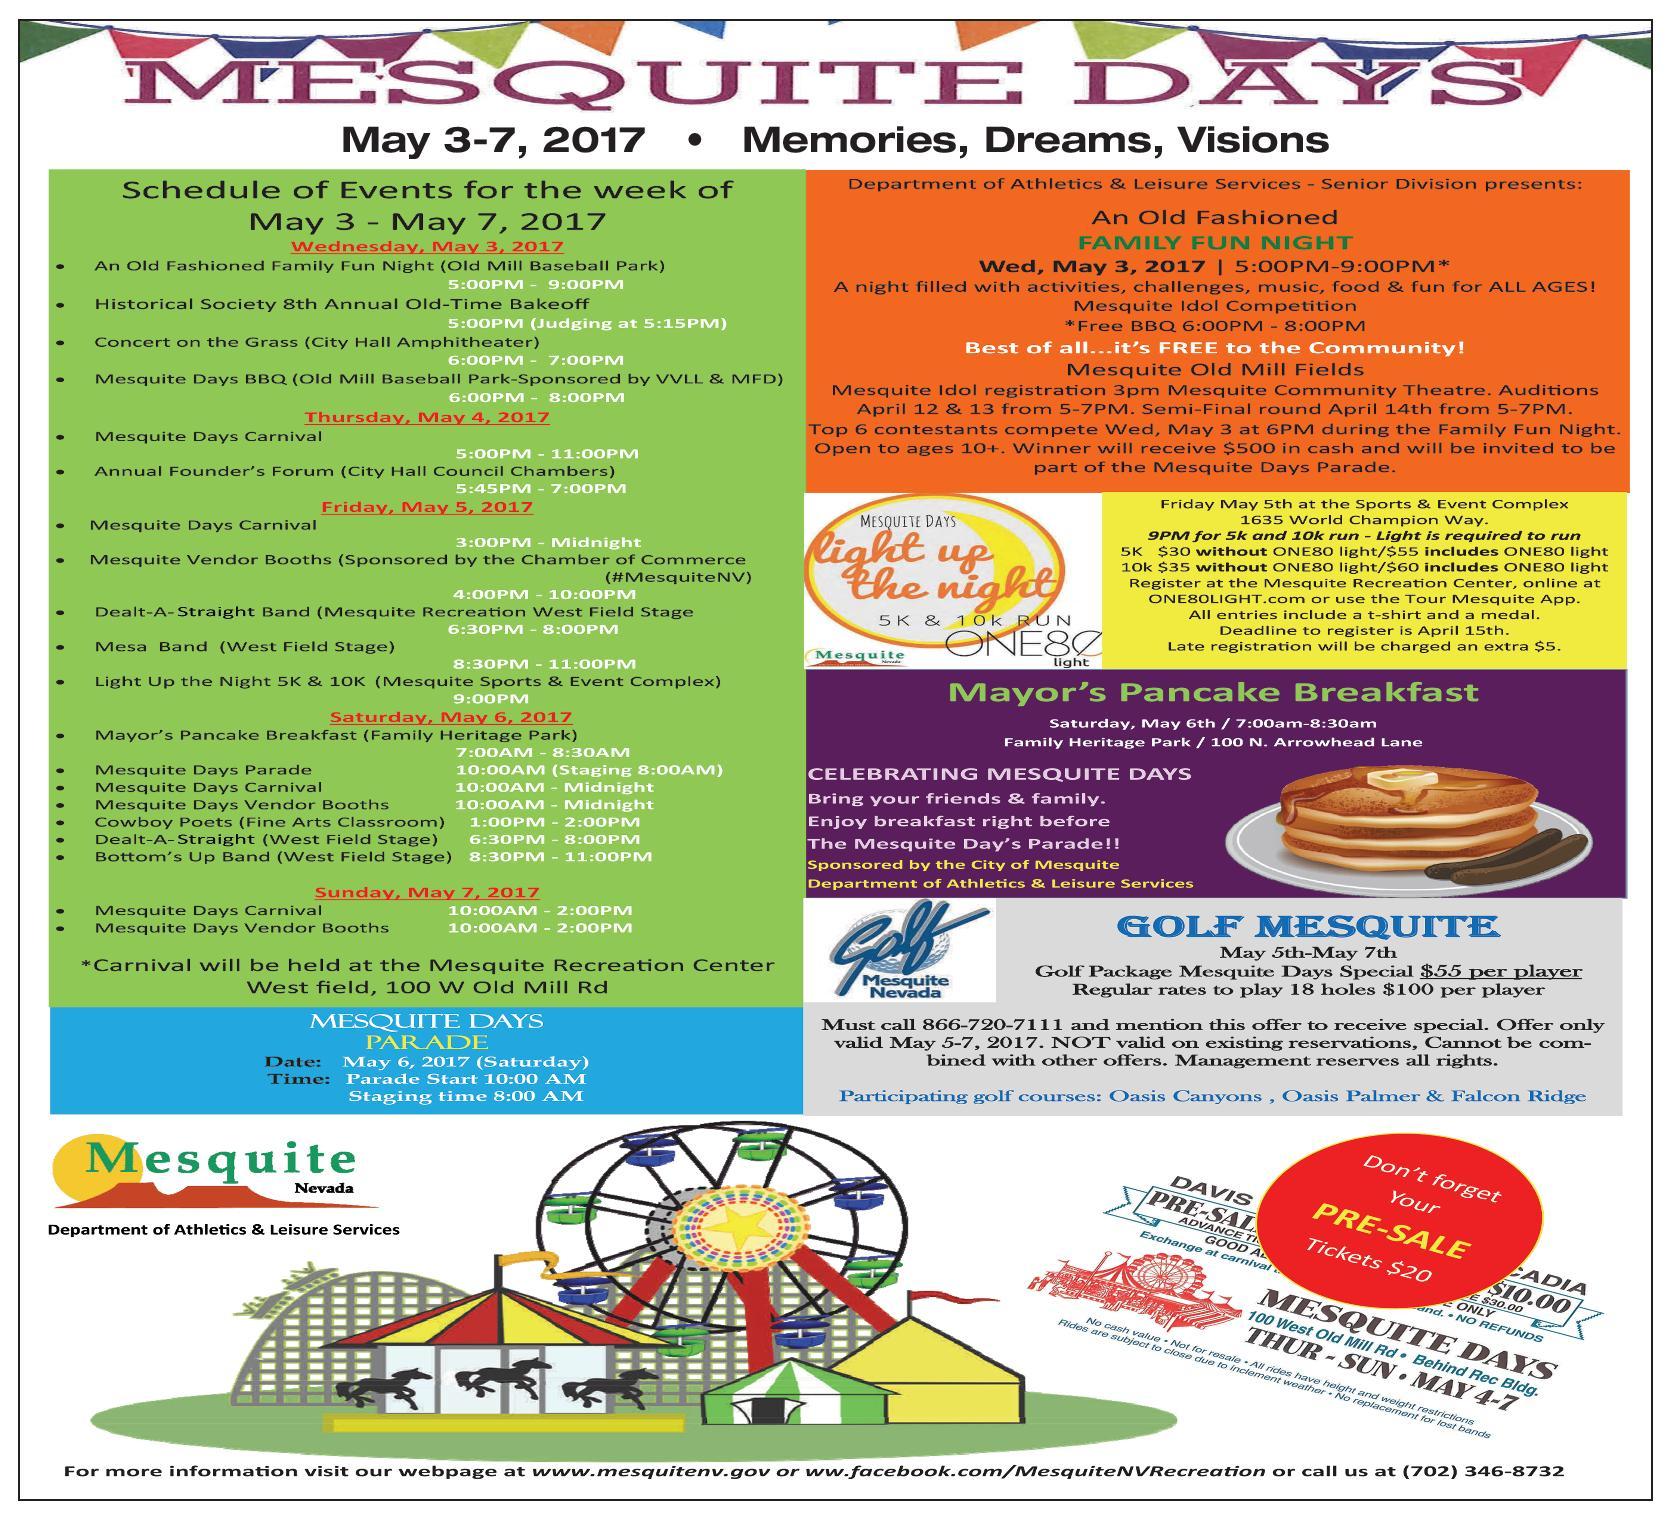 Mesquite Days 2017 – Full Schedule